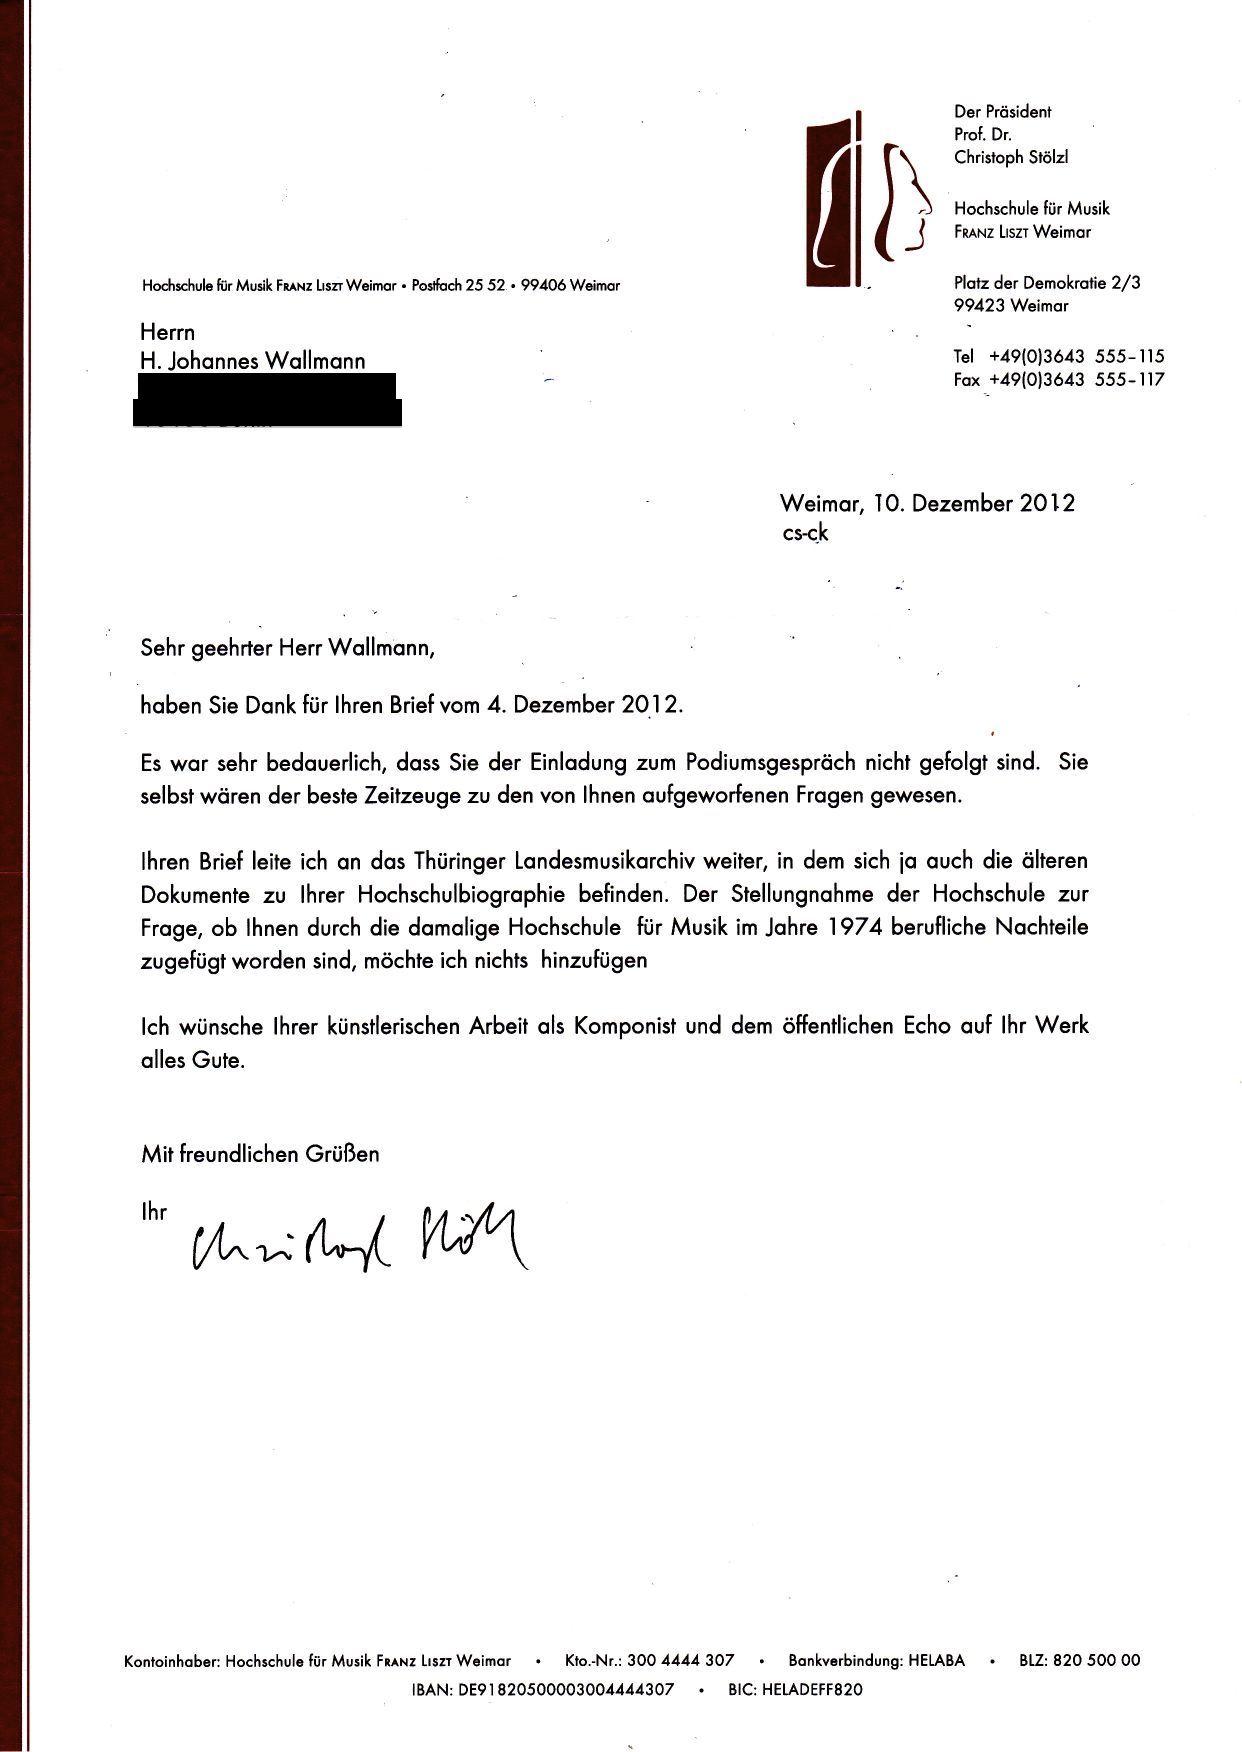 dokument 1 schreiben vom 1012 2012 der franz liszt hochschule weimar - Stellungnahme Schreiben Beispiel